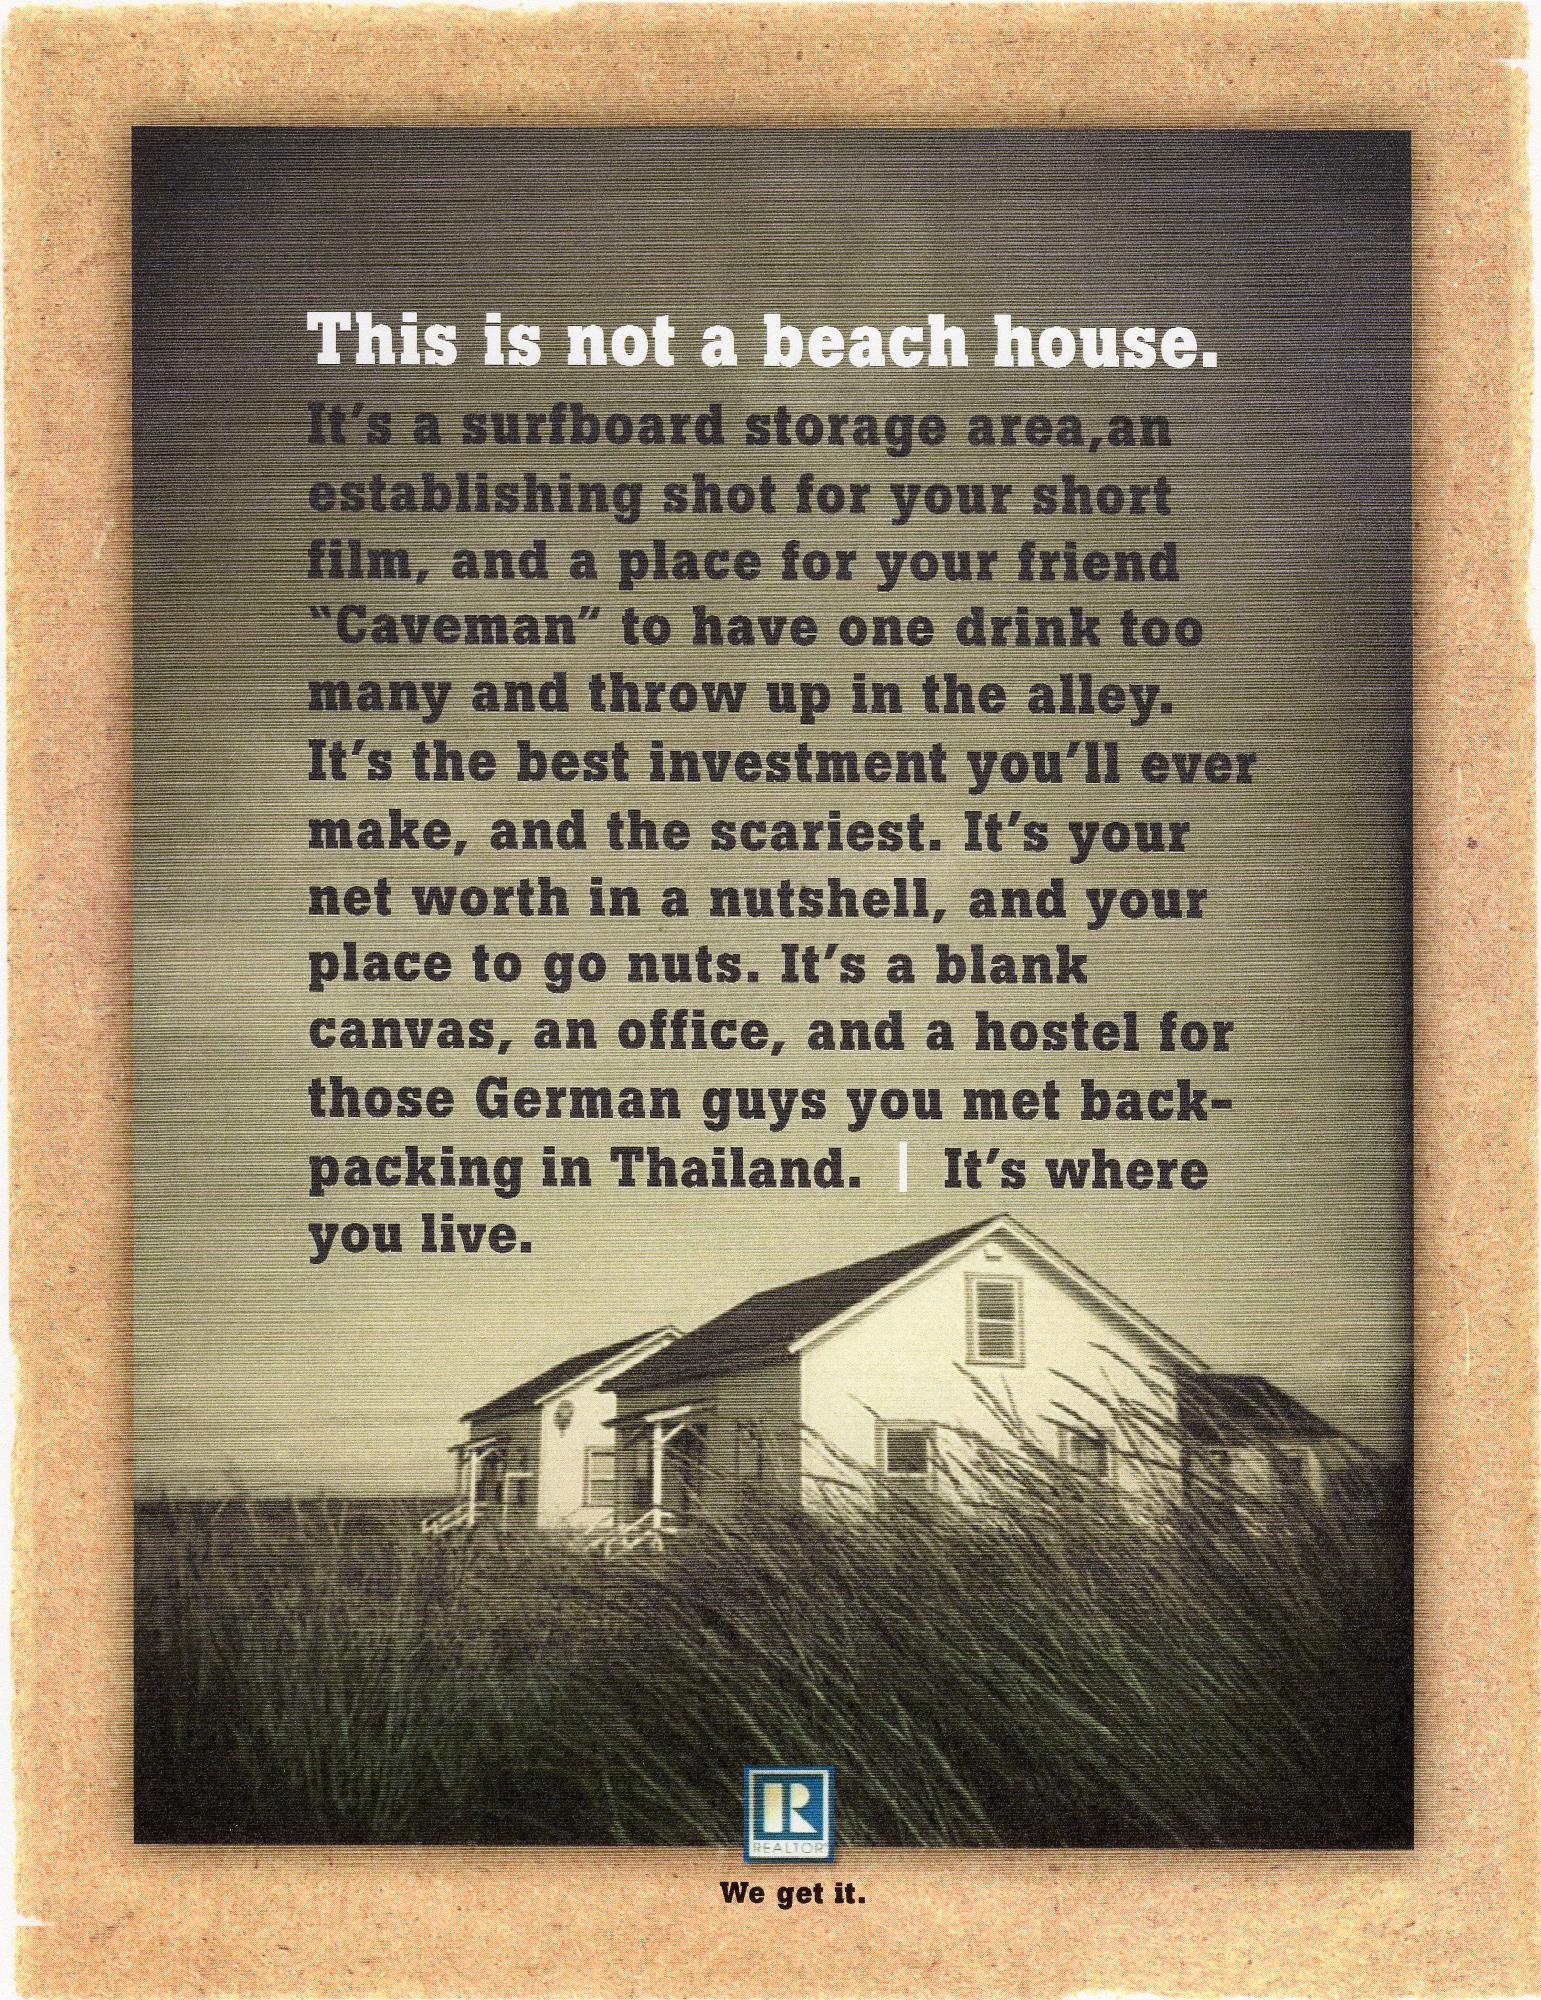 Realtor-Print2-beachhouse-v2.jpg